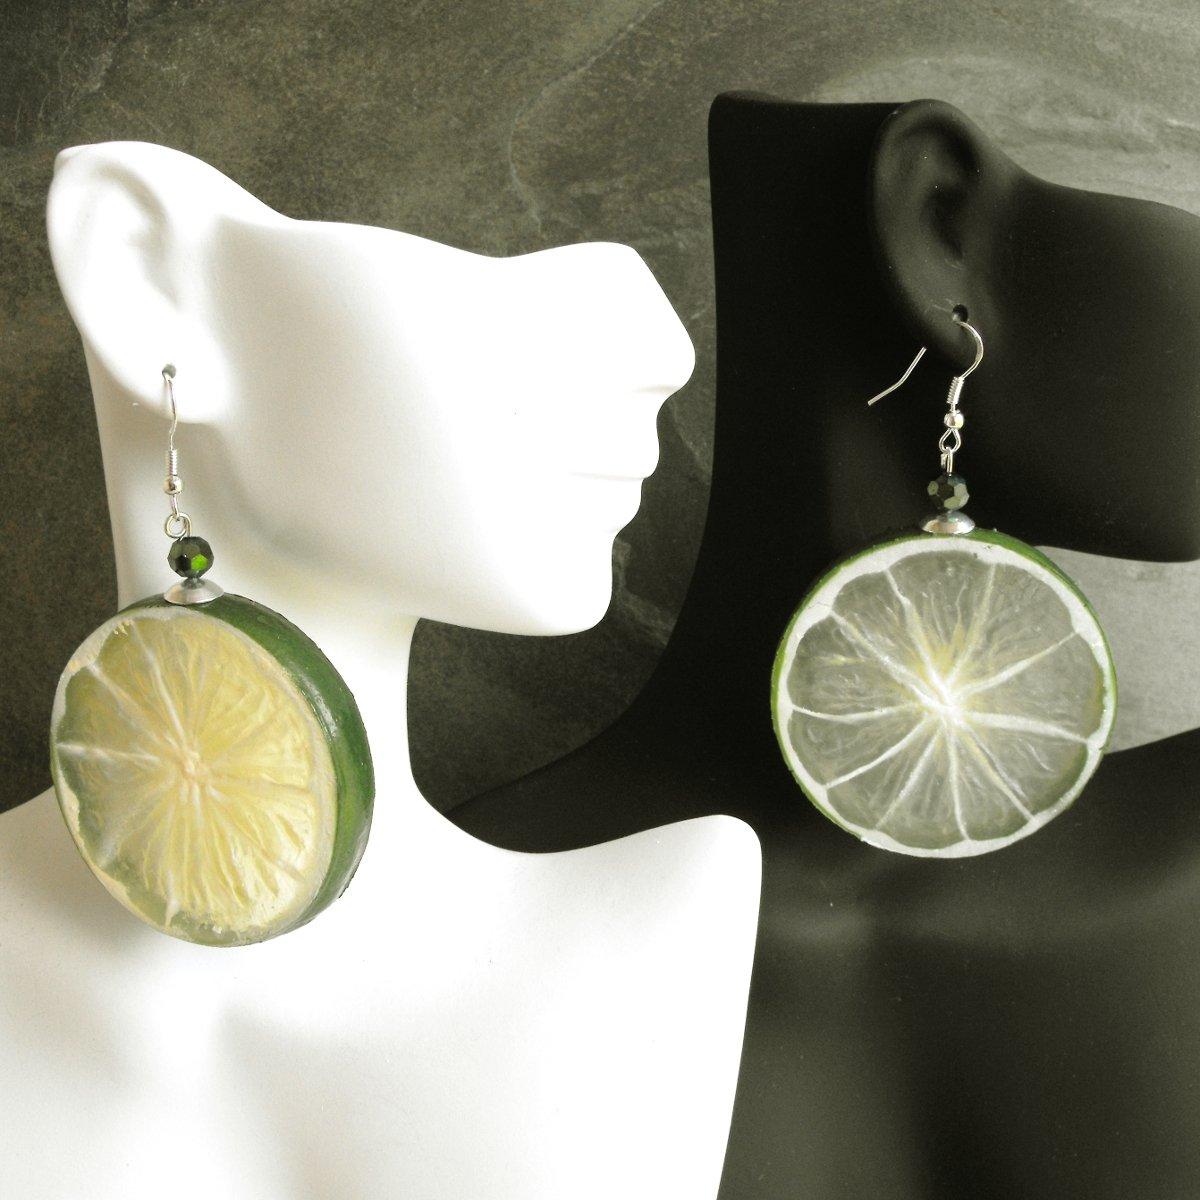 Juicy Lime Slice Earrings Happy Hour